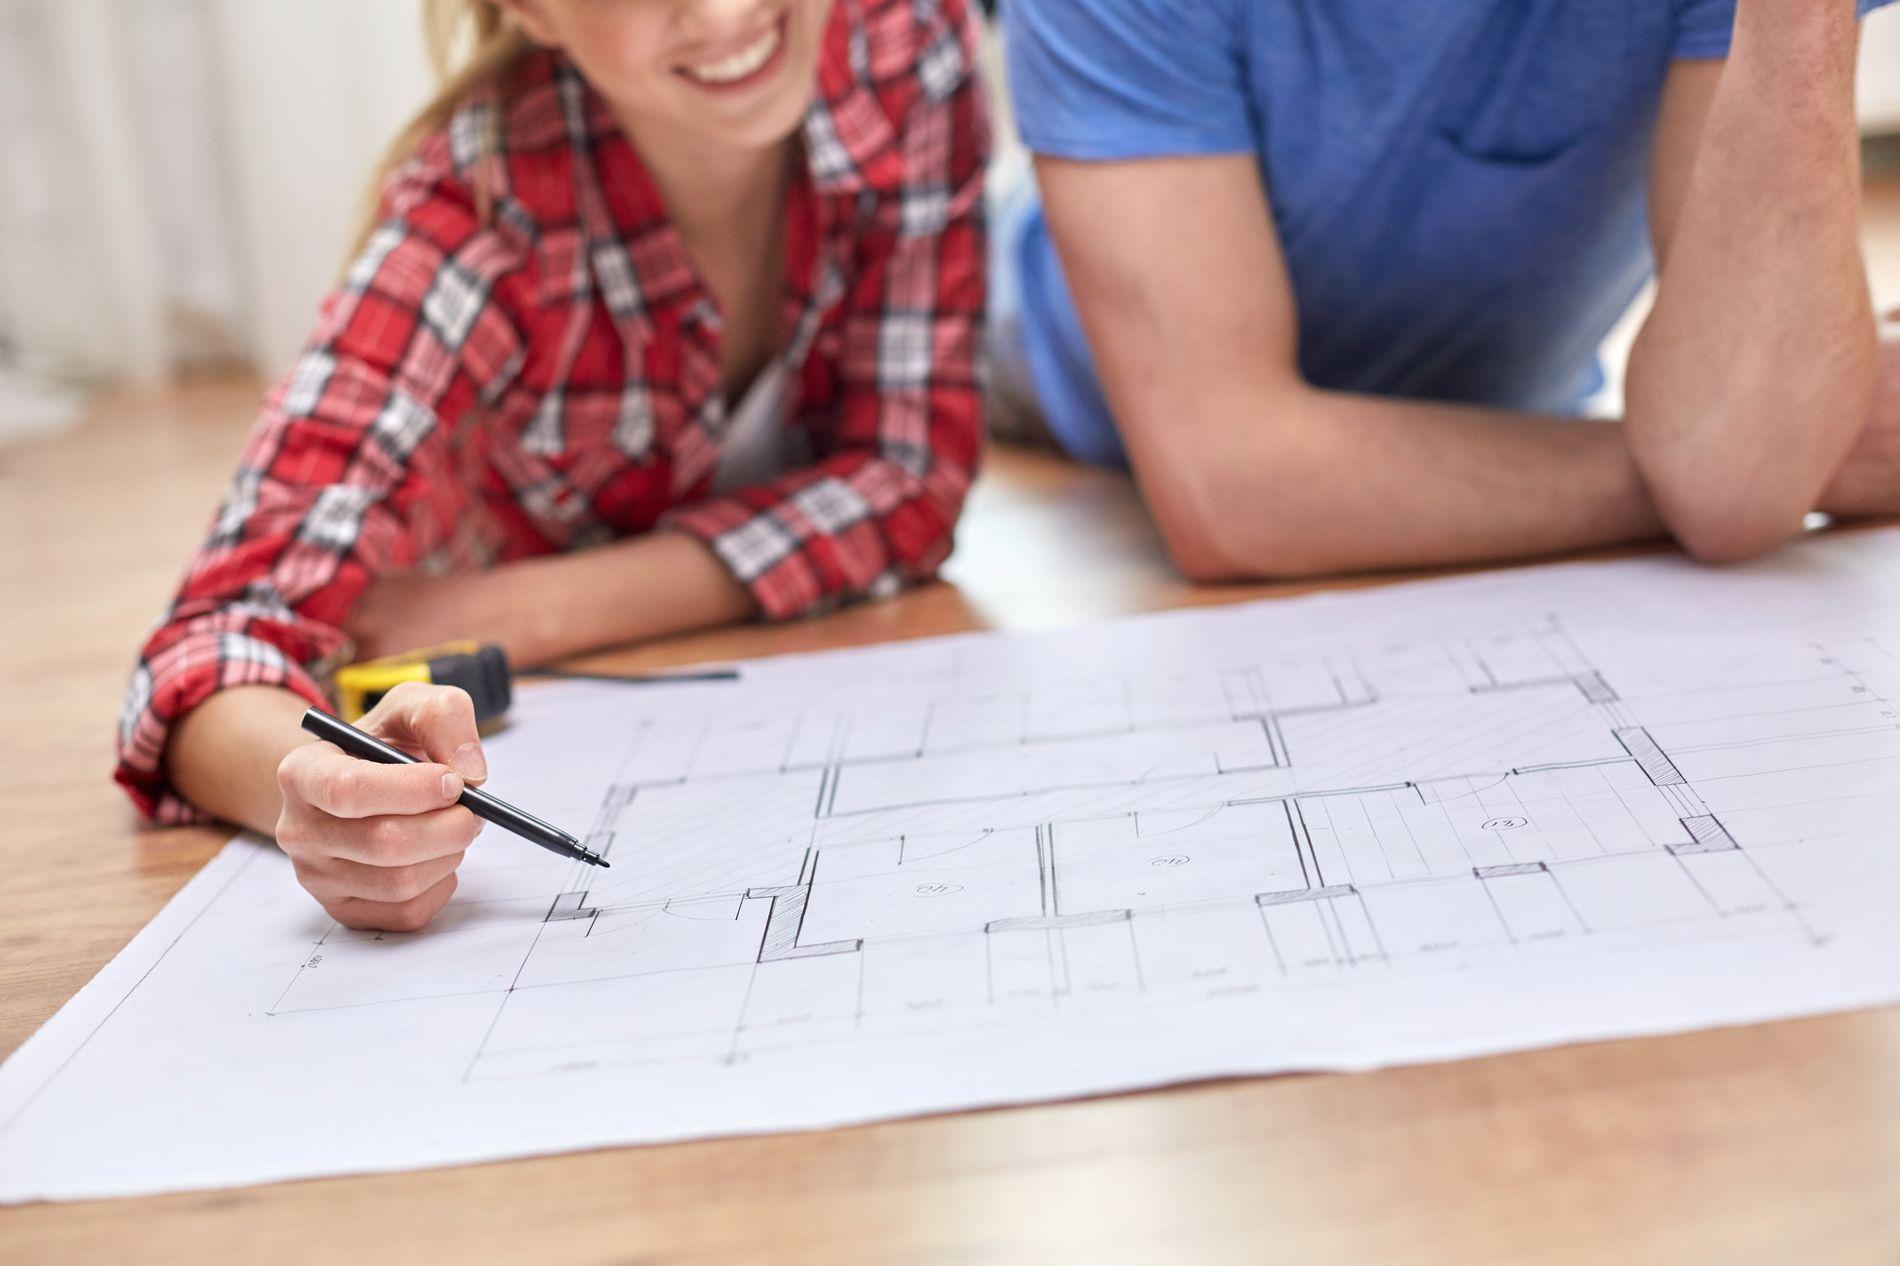 Velg byggtekniske løsninger og entreprenører med godt rykte.